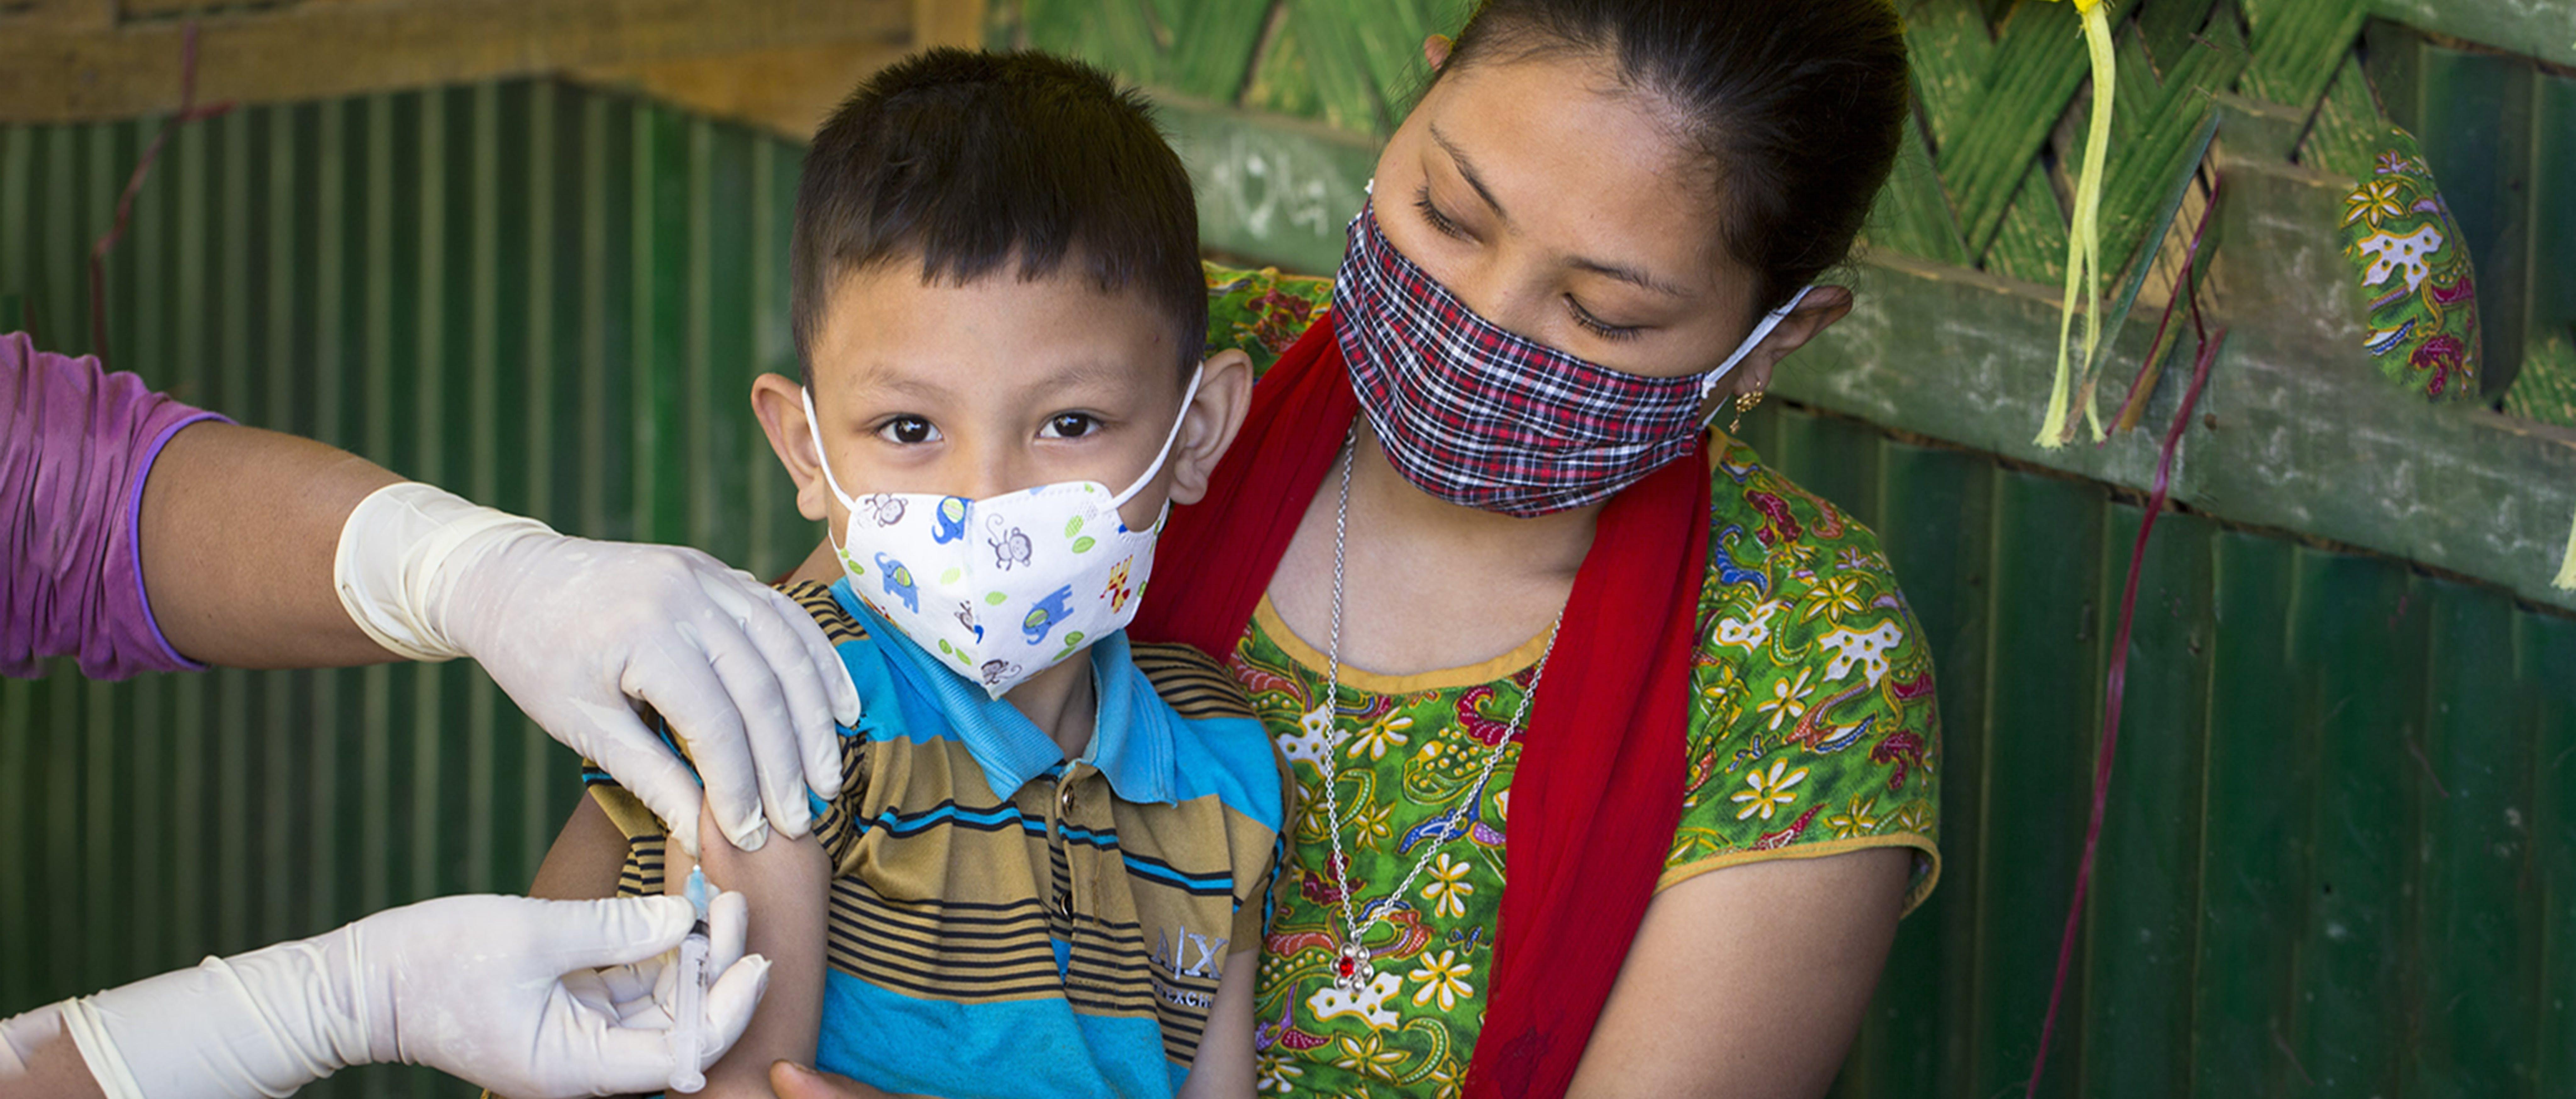 Bisakha Chakma ha portato suo figlio Tuhin Marma a vaccinarsi contro rosolia e morbillo durante la campagna lanciata dal Bangladesh nel dicembre 2020